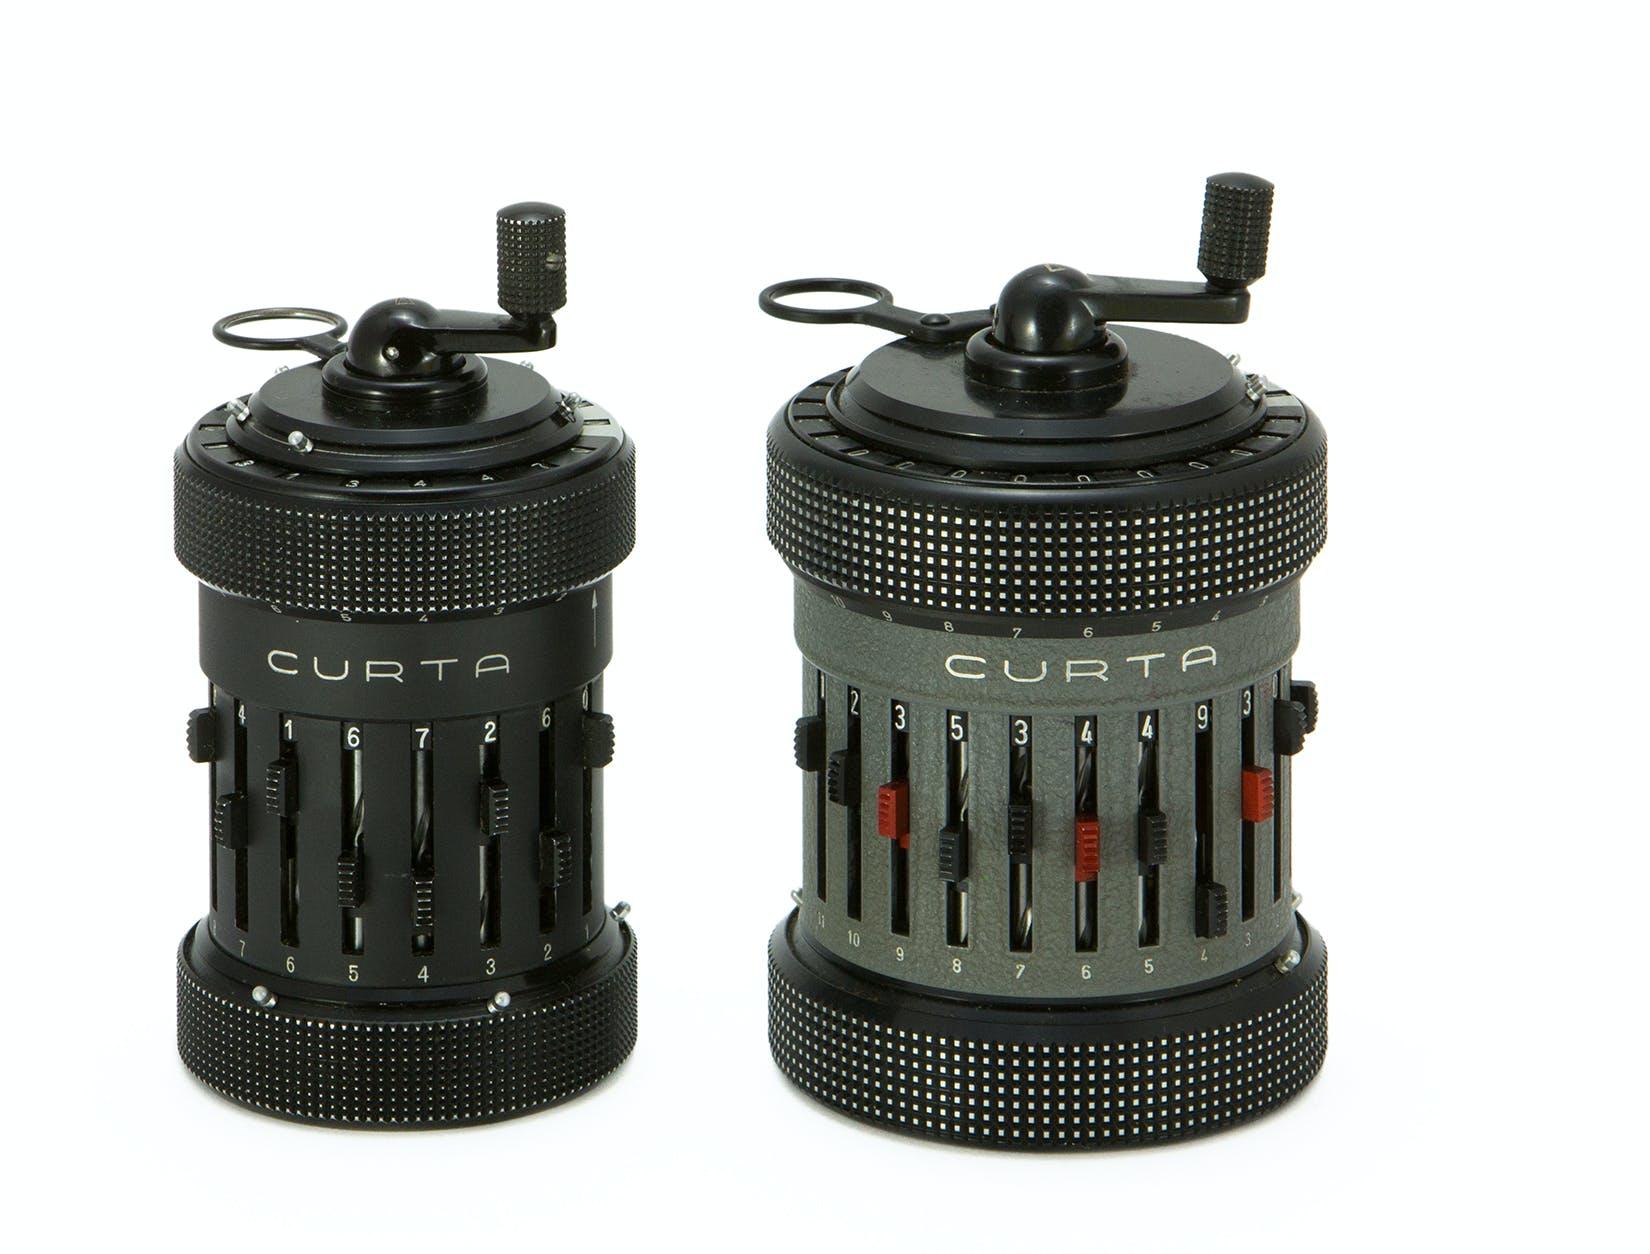 Curta 1 und Curta 2